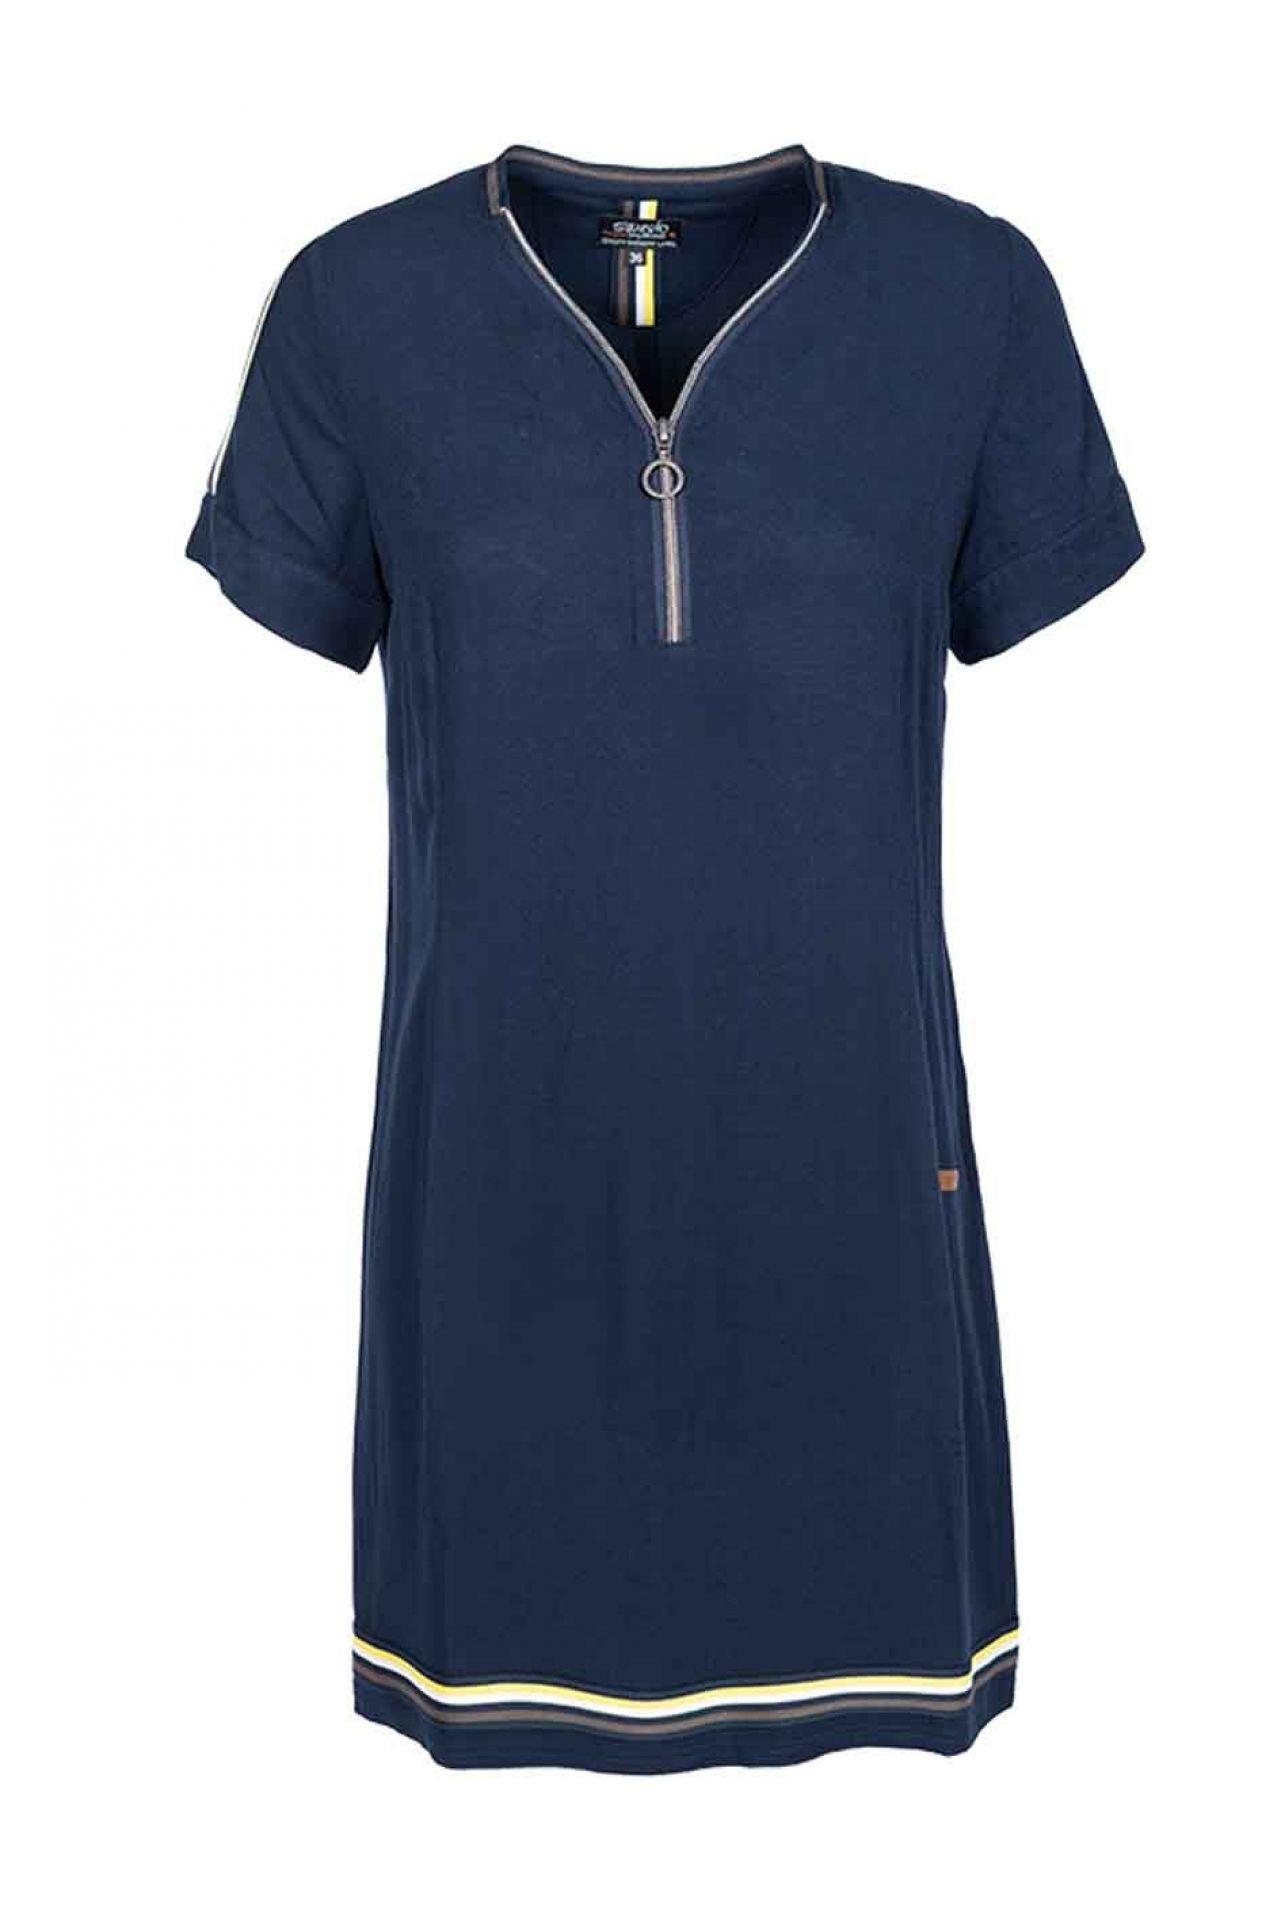 Soquesto Kleid  Rock Im Online Shop Von Fashion In Kaufen